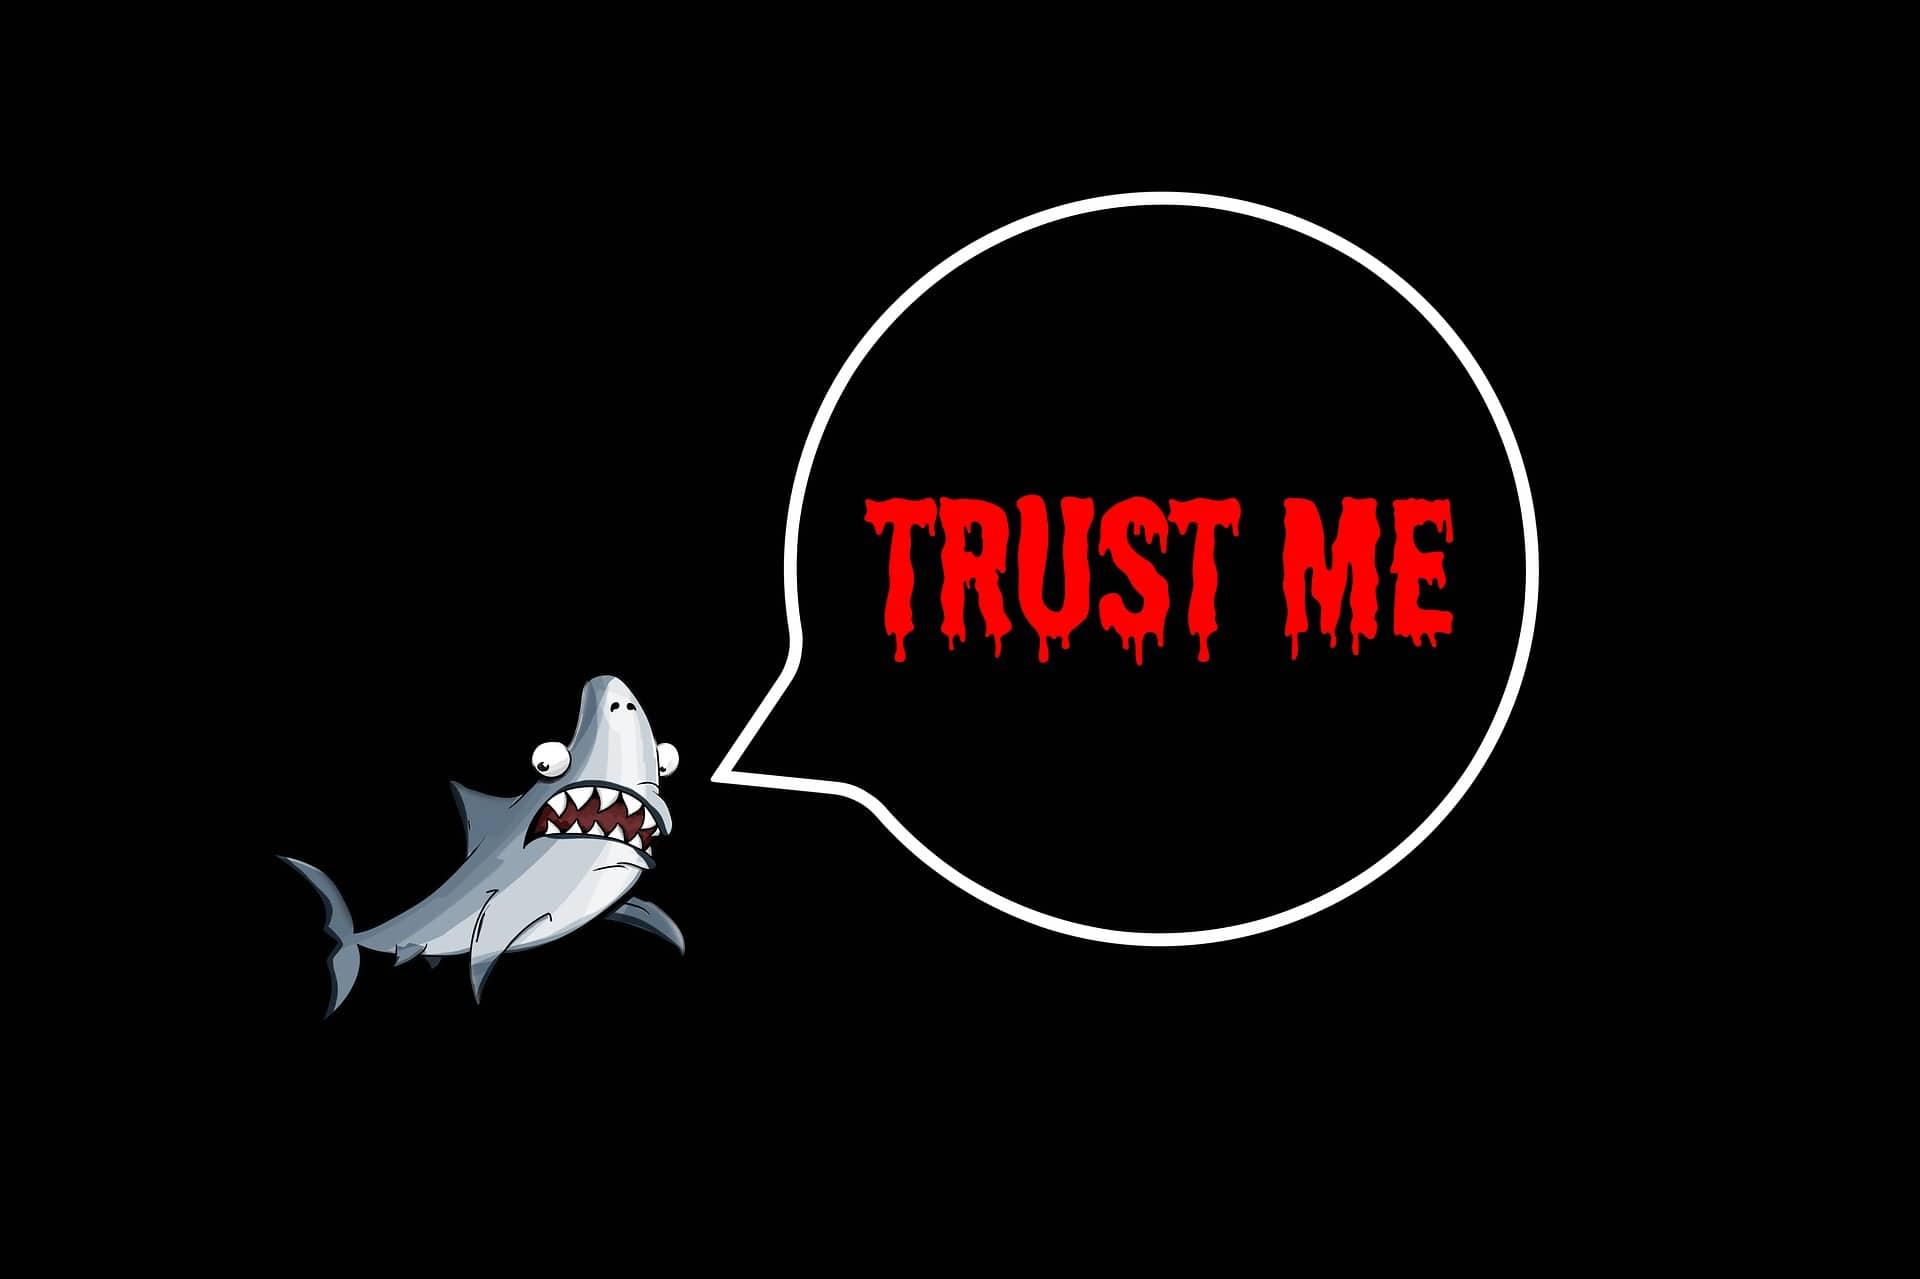 Ob Google eurer Webseite vertraut oder nicht, hängt vom sogenannten TrustRank ab. Wie hoch der Trust eurer Seite ist, könnt ihr mit meinen Tipps beeinflussen.